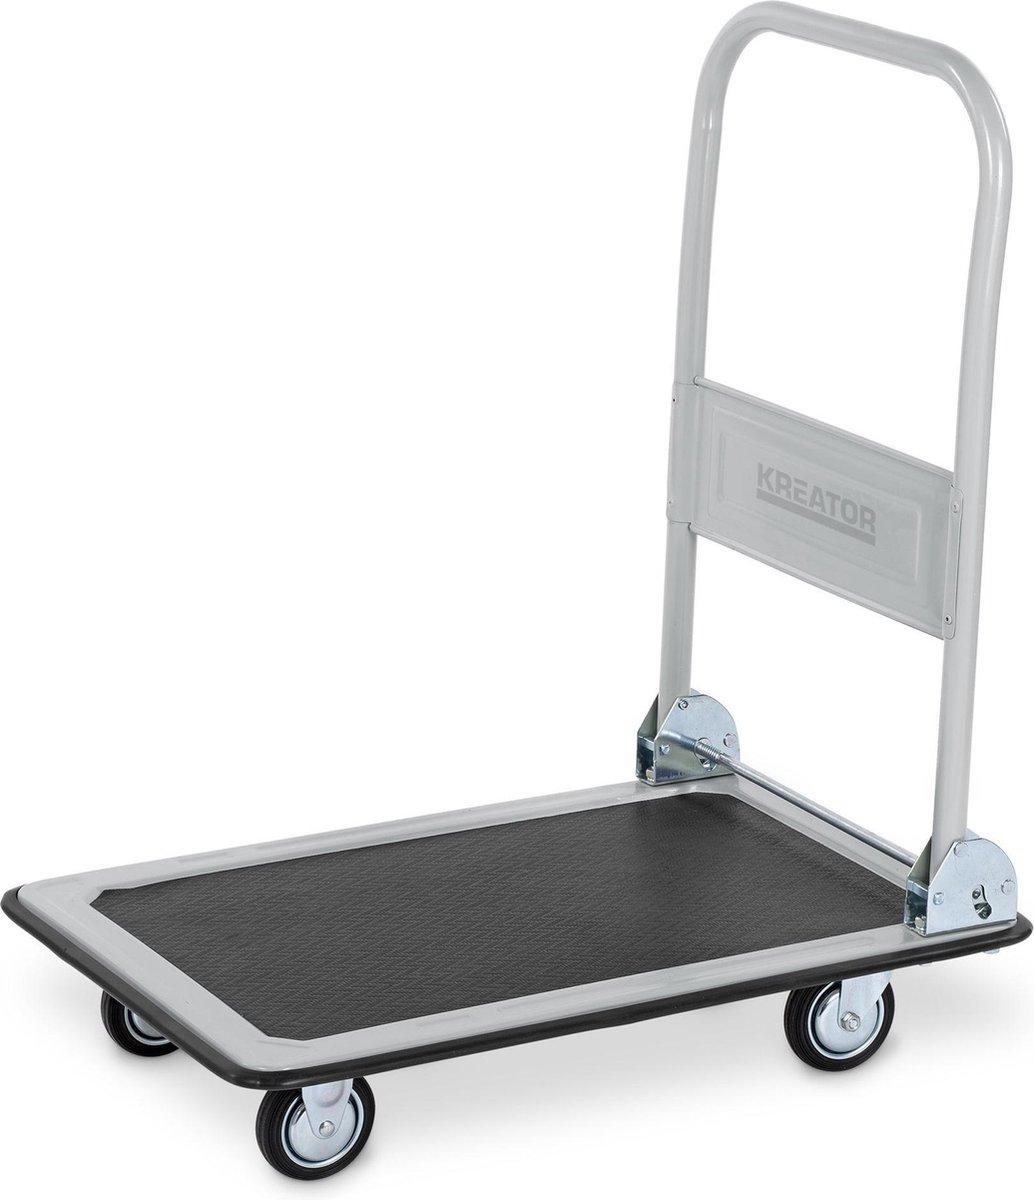 Kreator KRT670102 Plateauwagen - opvouwbaar - 300 kg draagvermogen